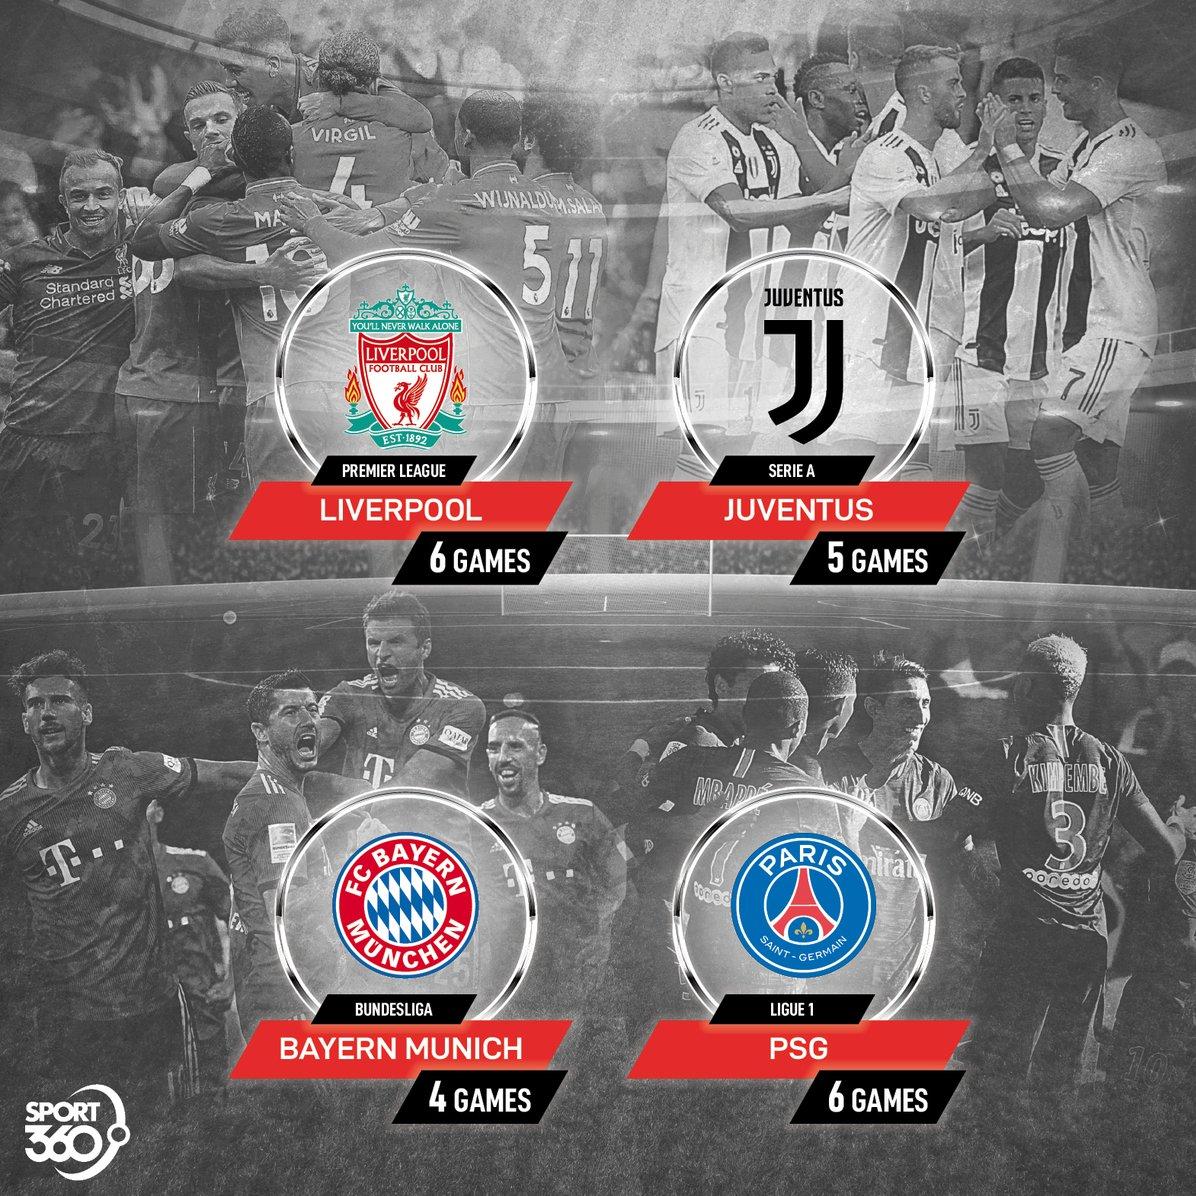 قدرتنمایی ۴ تیم در لیگهای معتبر اروپا +عکس